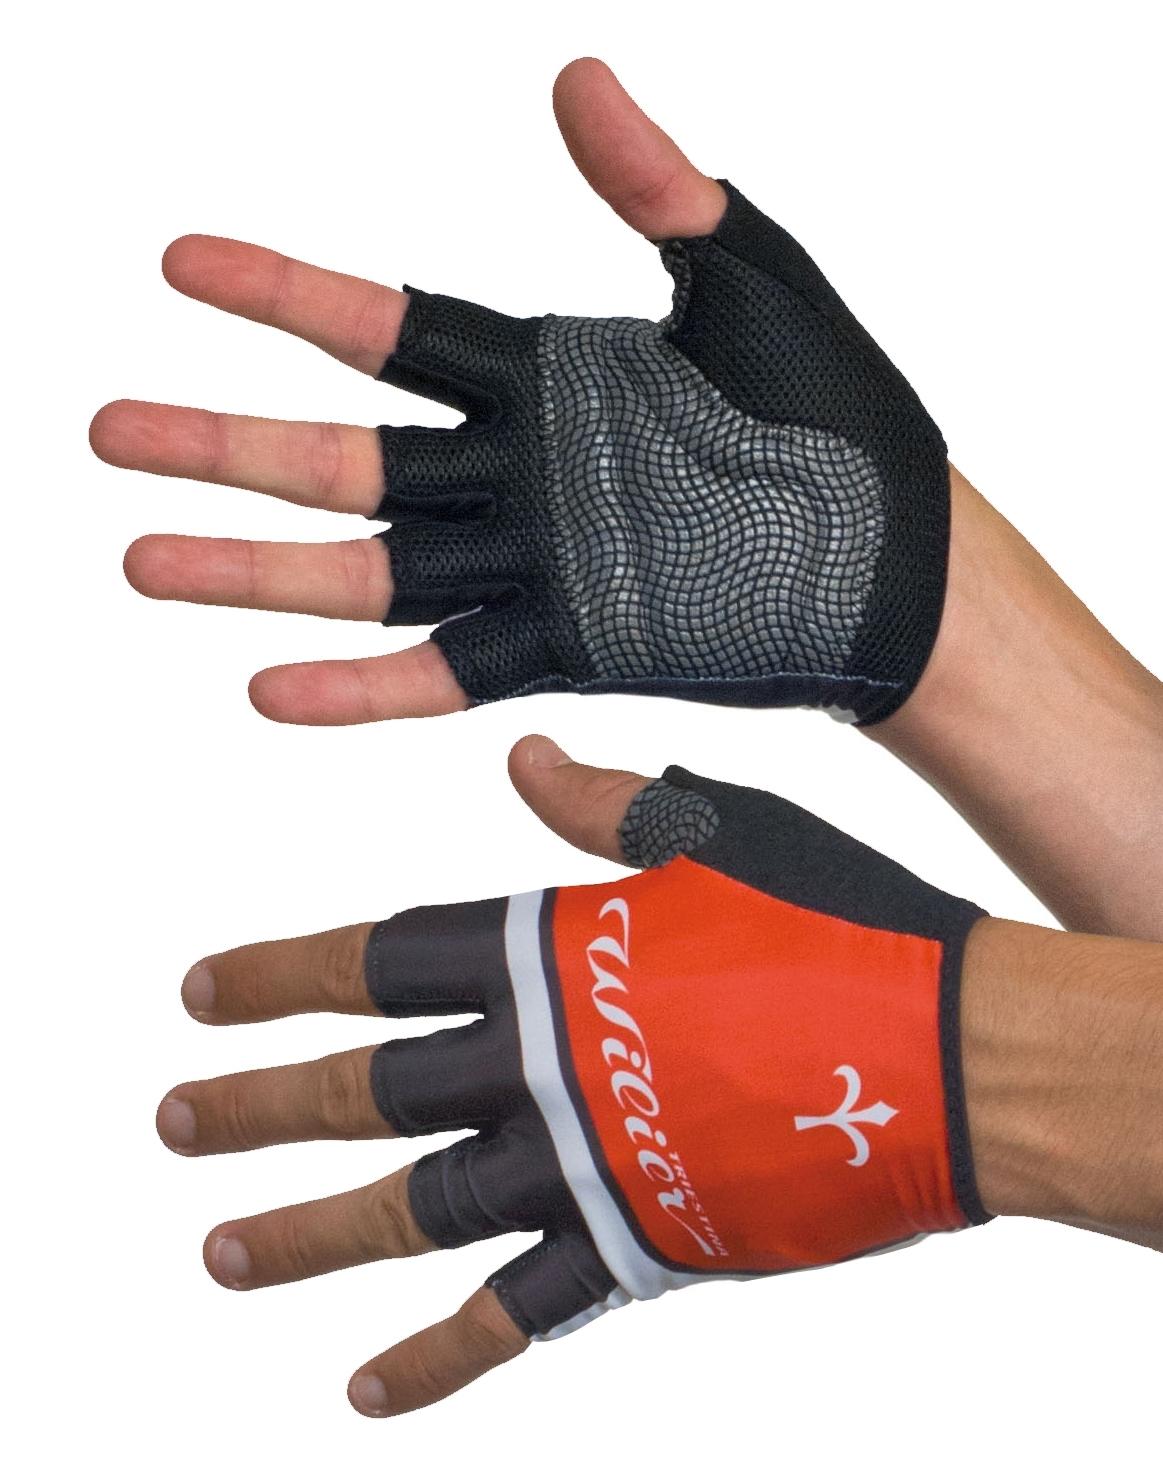 rukavice WILIER bez zapínání, červeno-černé L